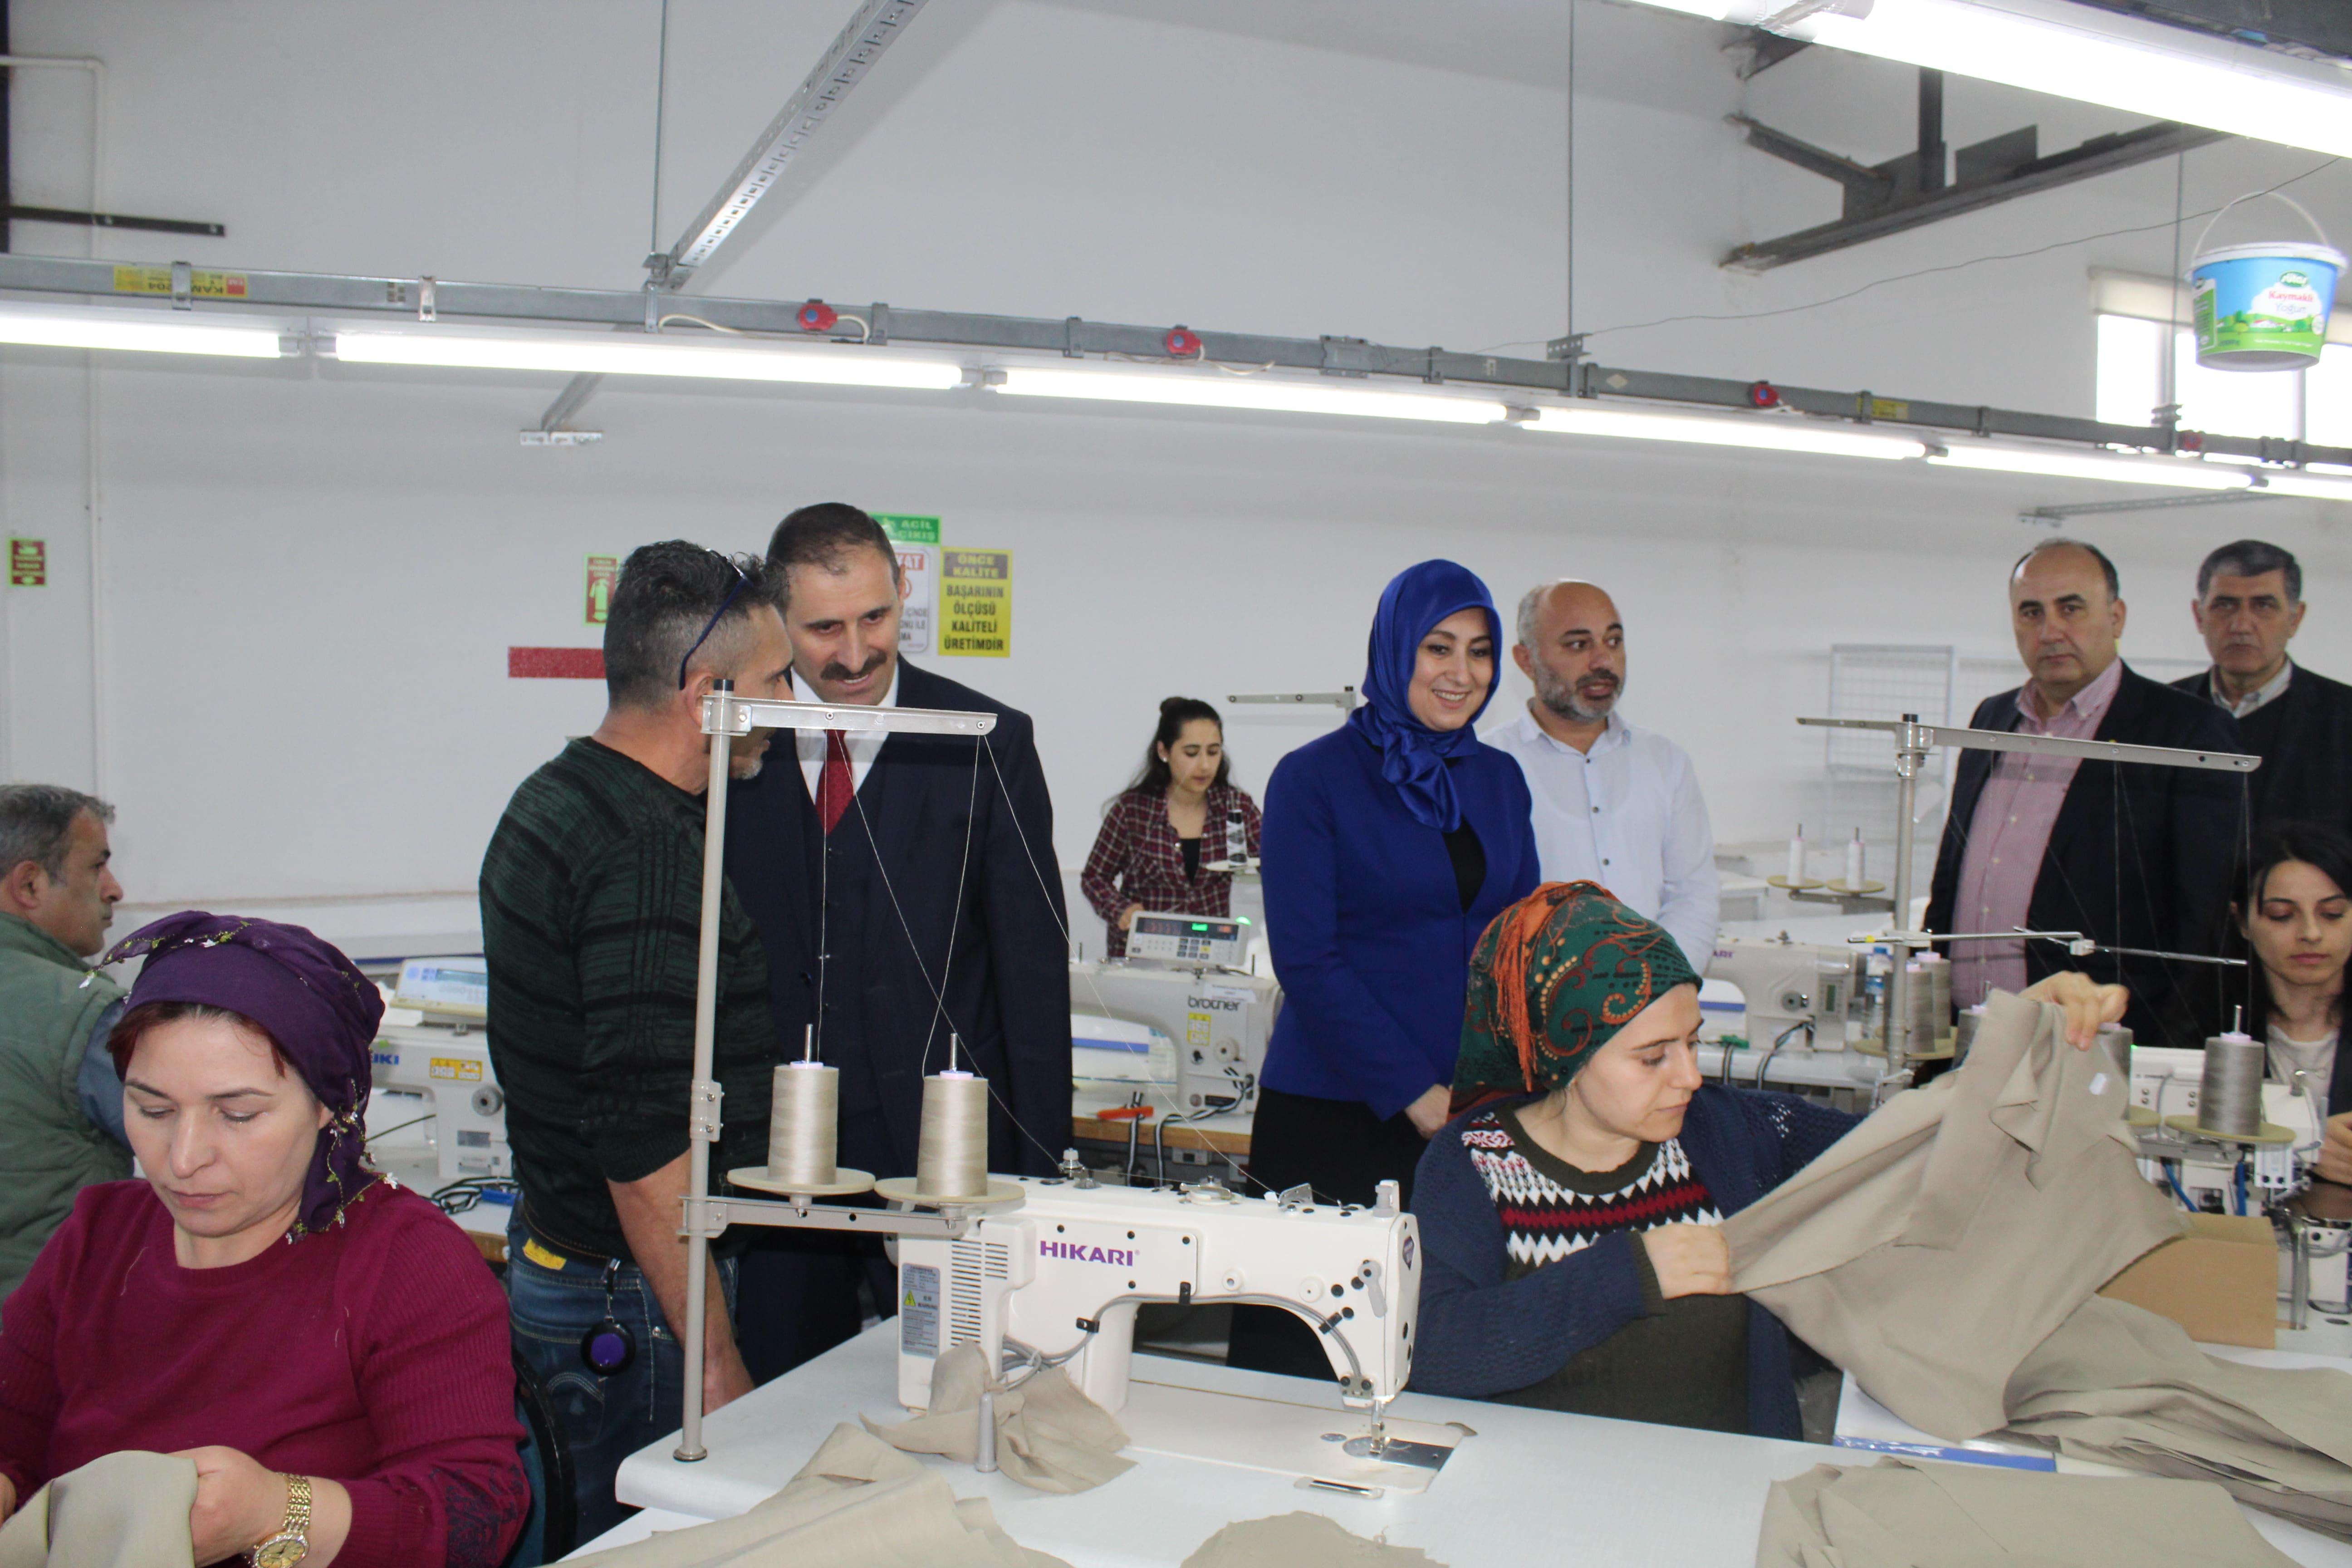 Amasya'da İşverenlerimizi Yeni Teşviklerle İlgili Bilgilendirmeye Devam Ediyoruz